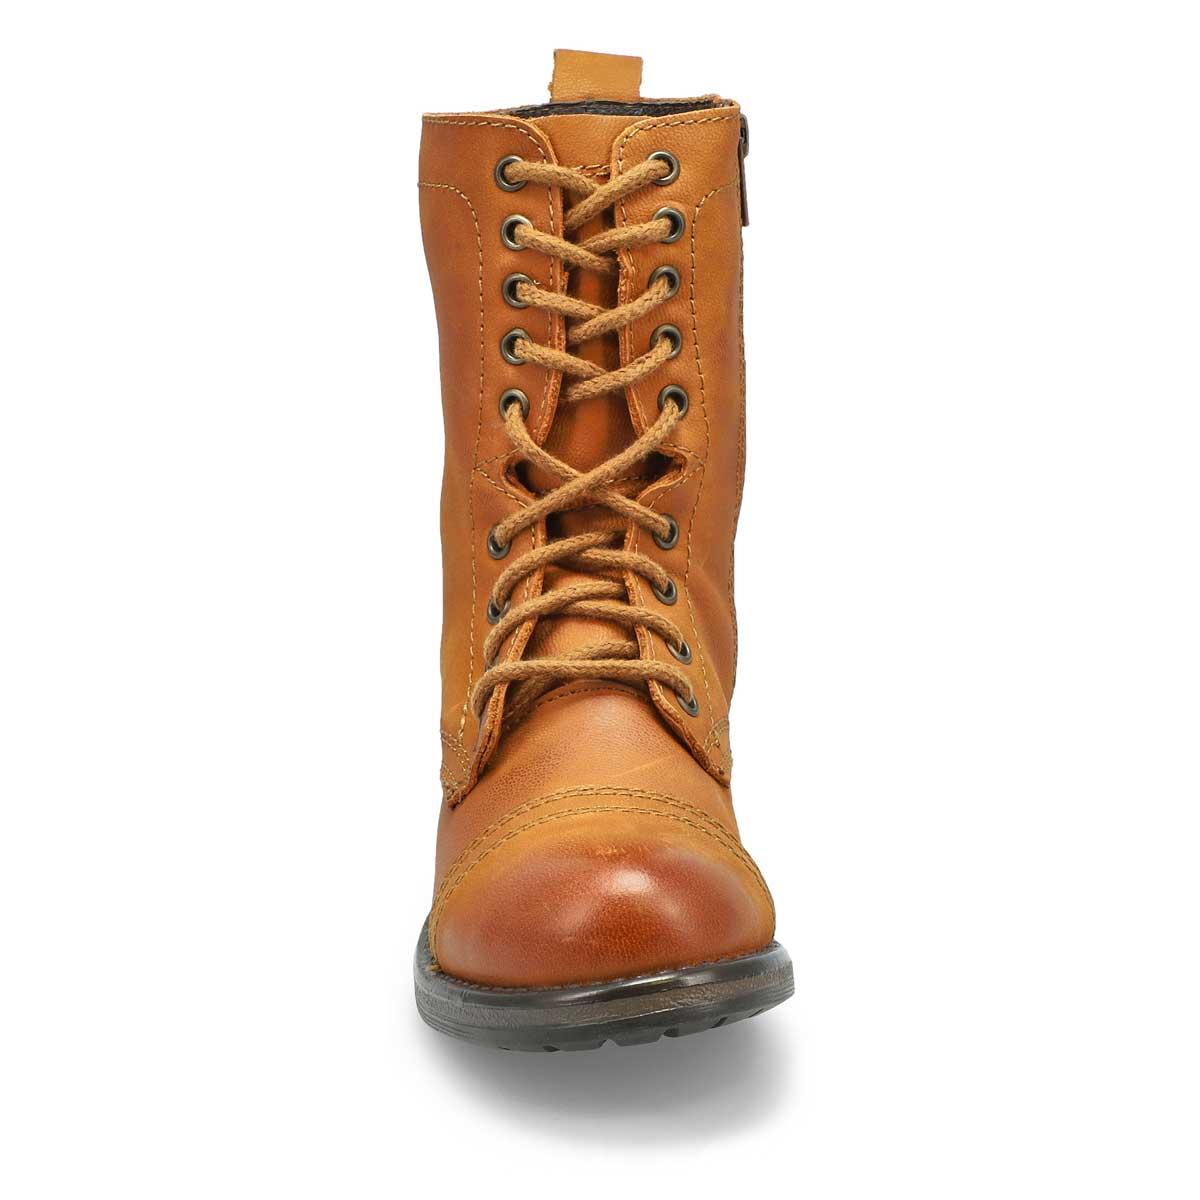 Lds Troopa4.0 cognac lace up combat boot